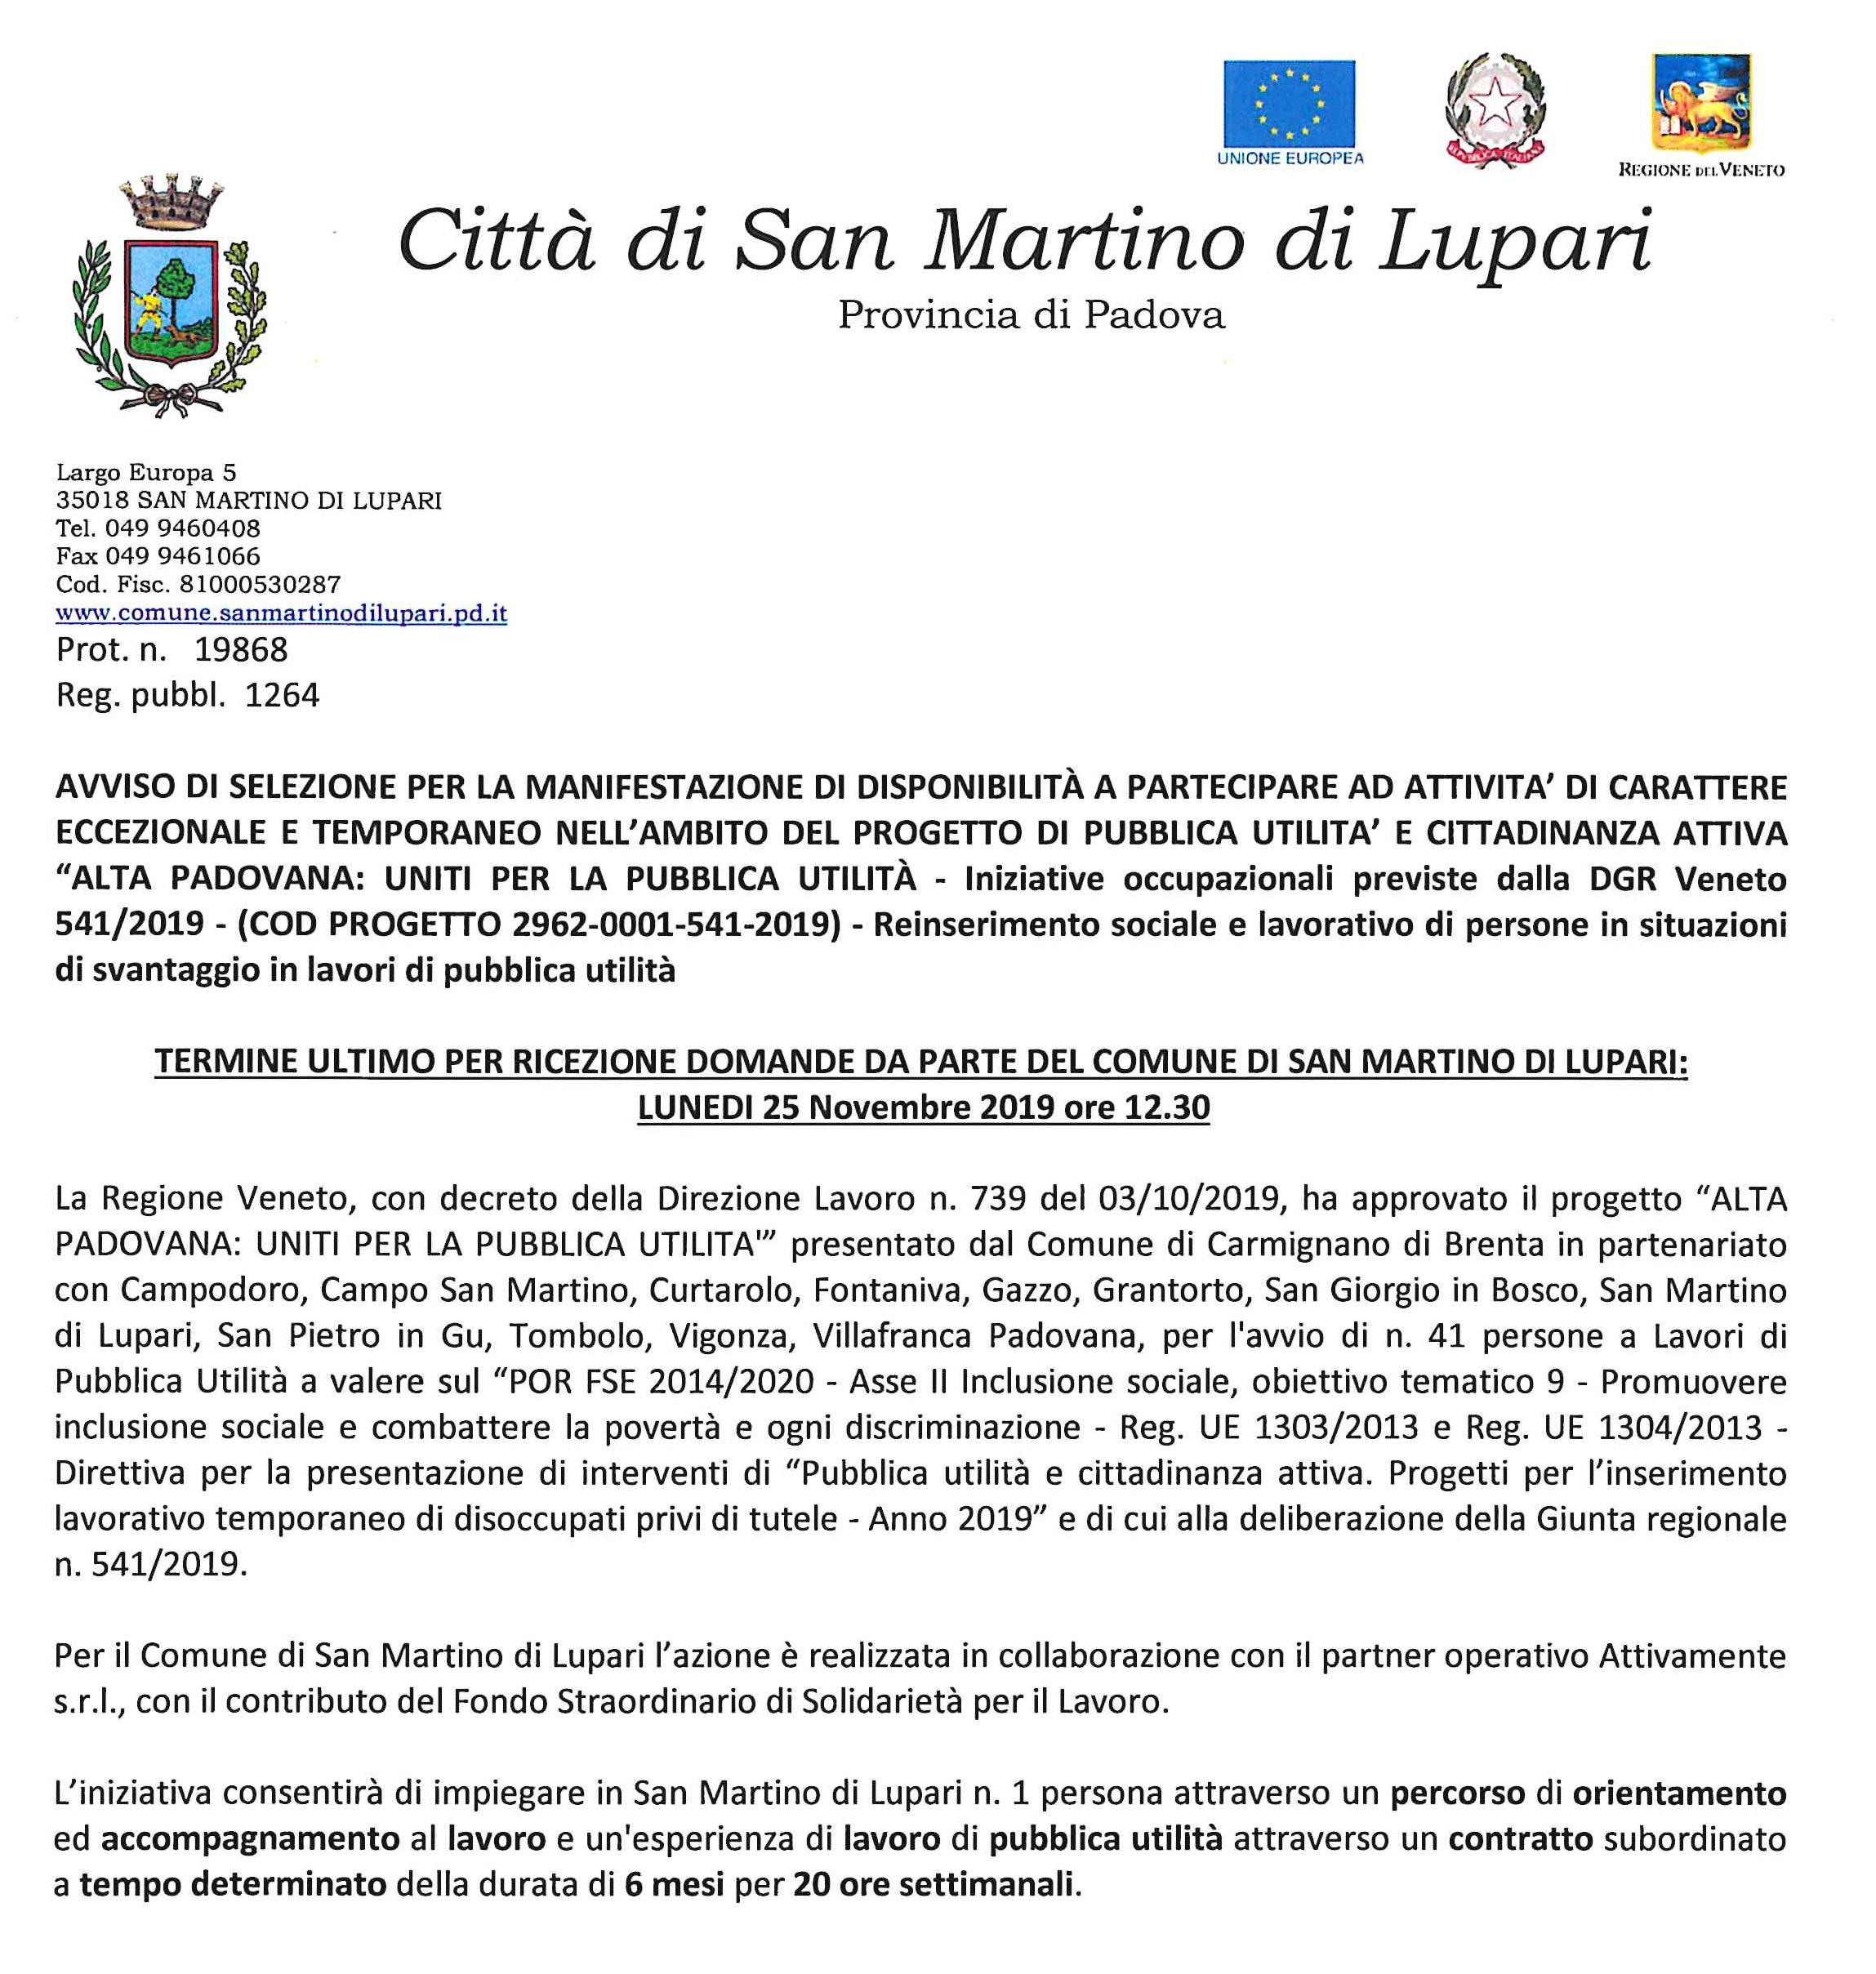 """AVVISO DI SELEZIONE PER LA MANIFESTAZIONE DI DISPONIBILITÀ A PARTECIPARE AD ATTIVITA' DI CARATTERE ECCEZIONALE E TEMPORANEO NELL'AMBITO DEL PROGETTO DI PUBBLICA UTILITA' E CITTADINANZA ATTIVA """"ALTA PADOVANA: UNITI PER LA PUBBLICA UTILITÀ –"""